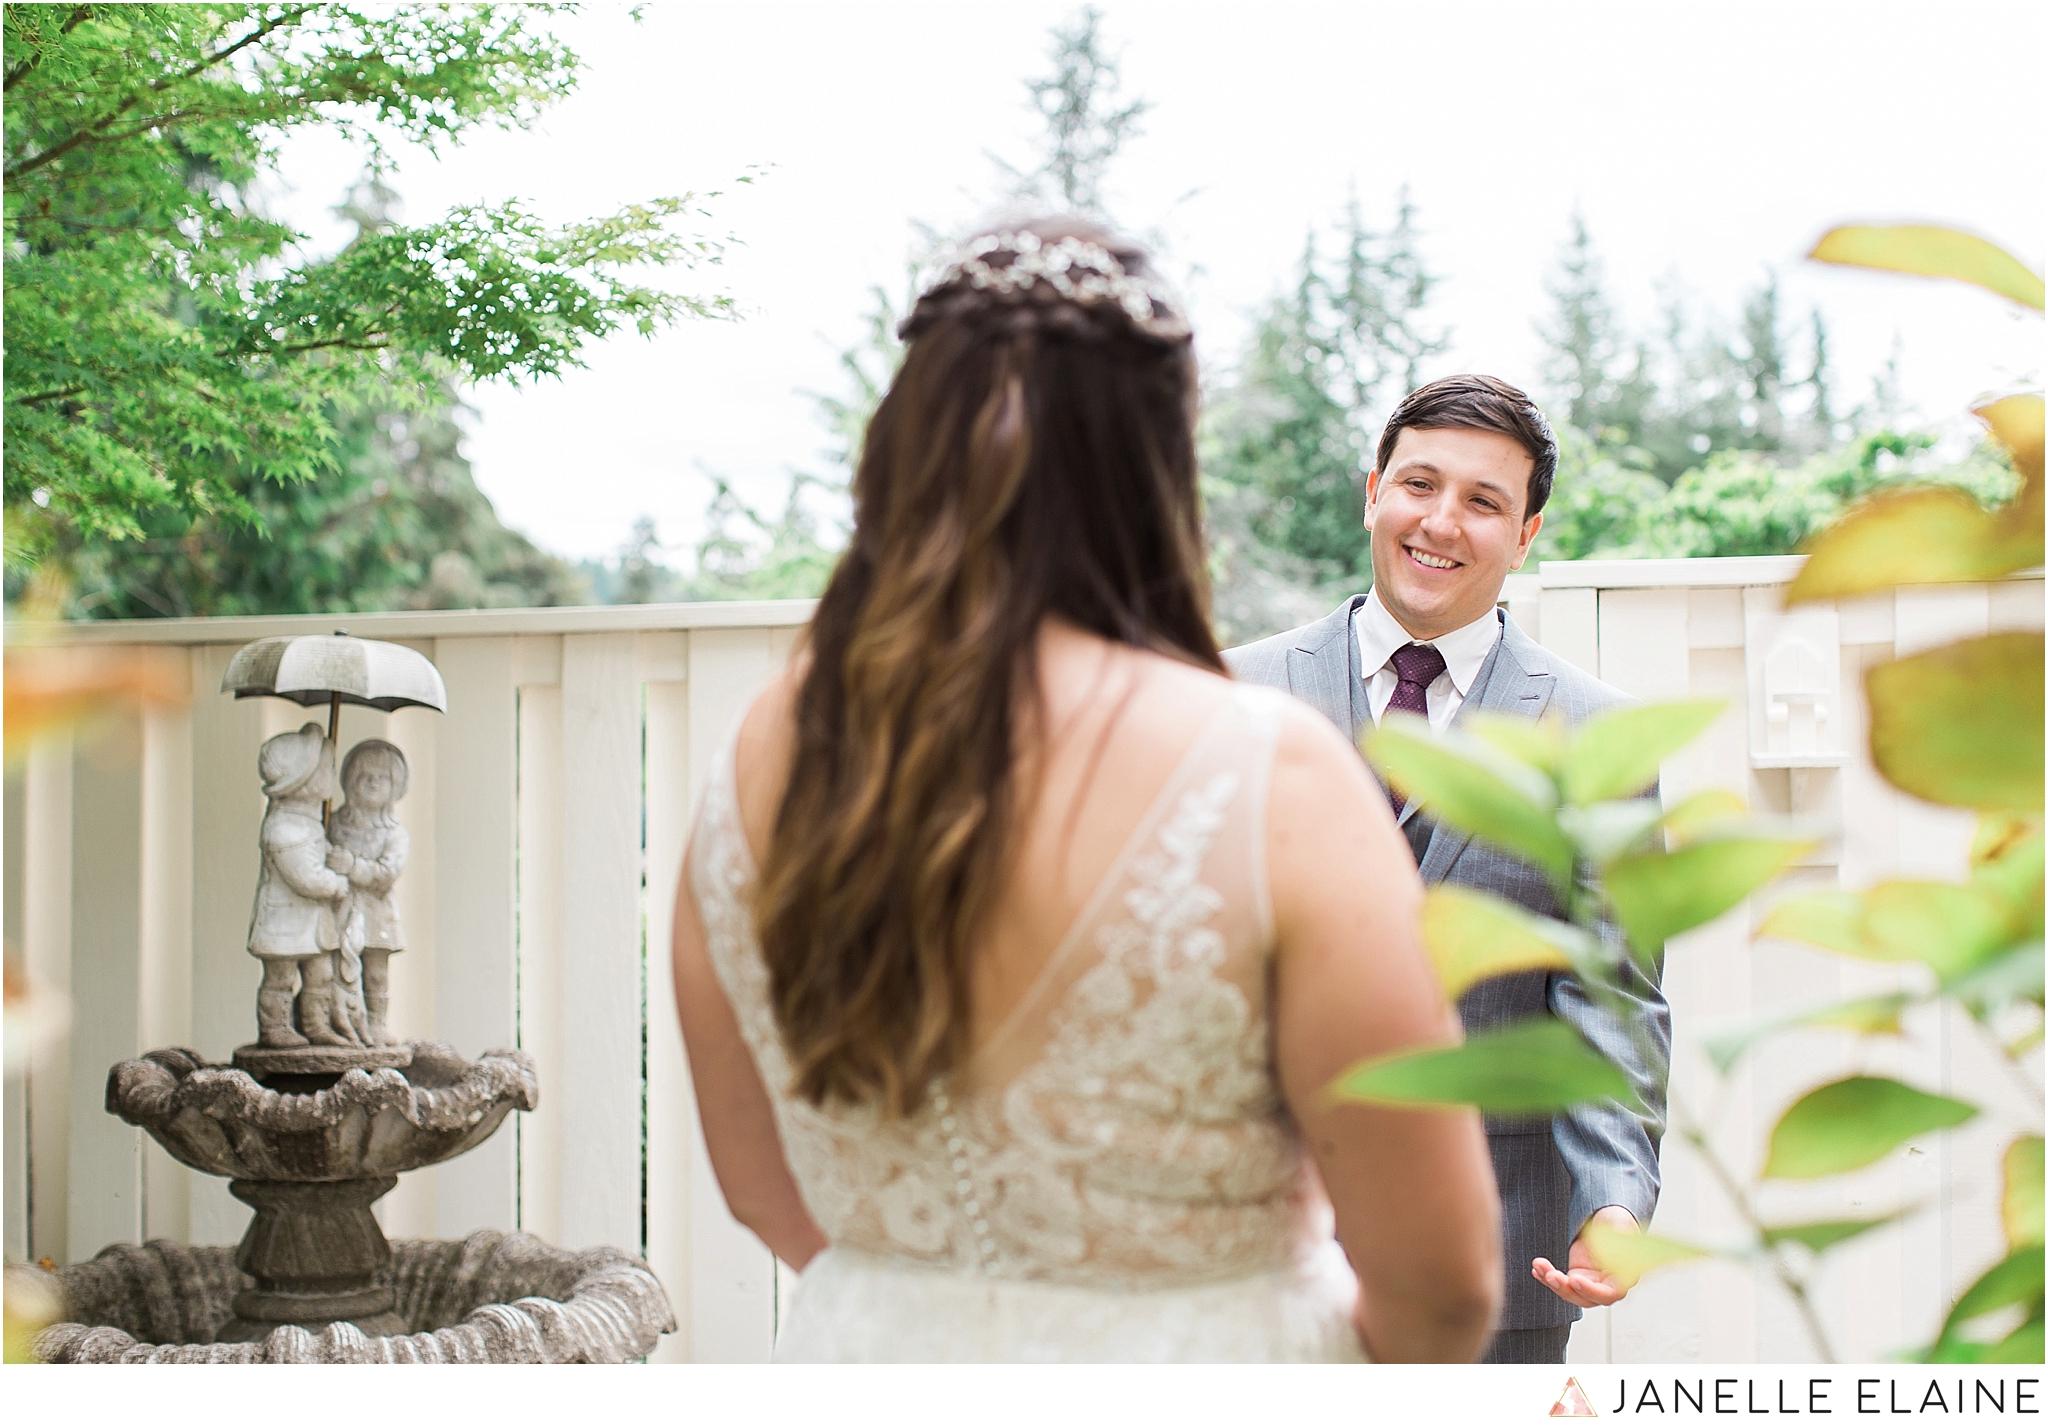 seattle-portrait-engagement-wedding-photographer-janelle-elaine-photography-13.jpg